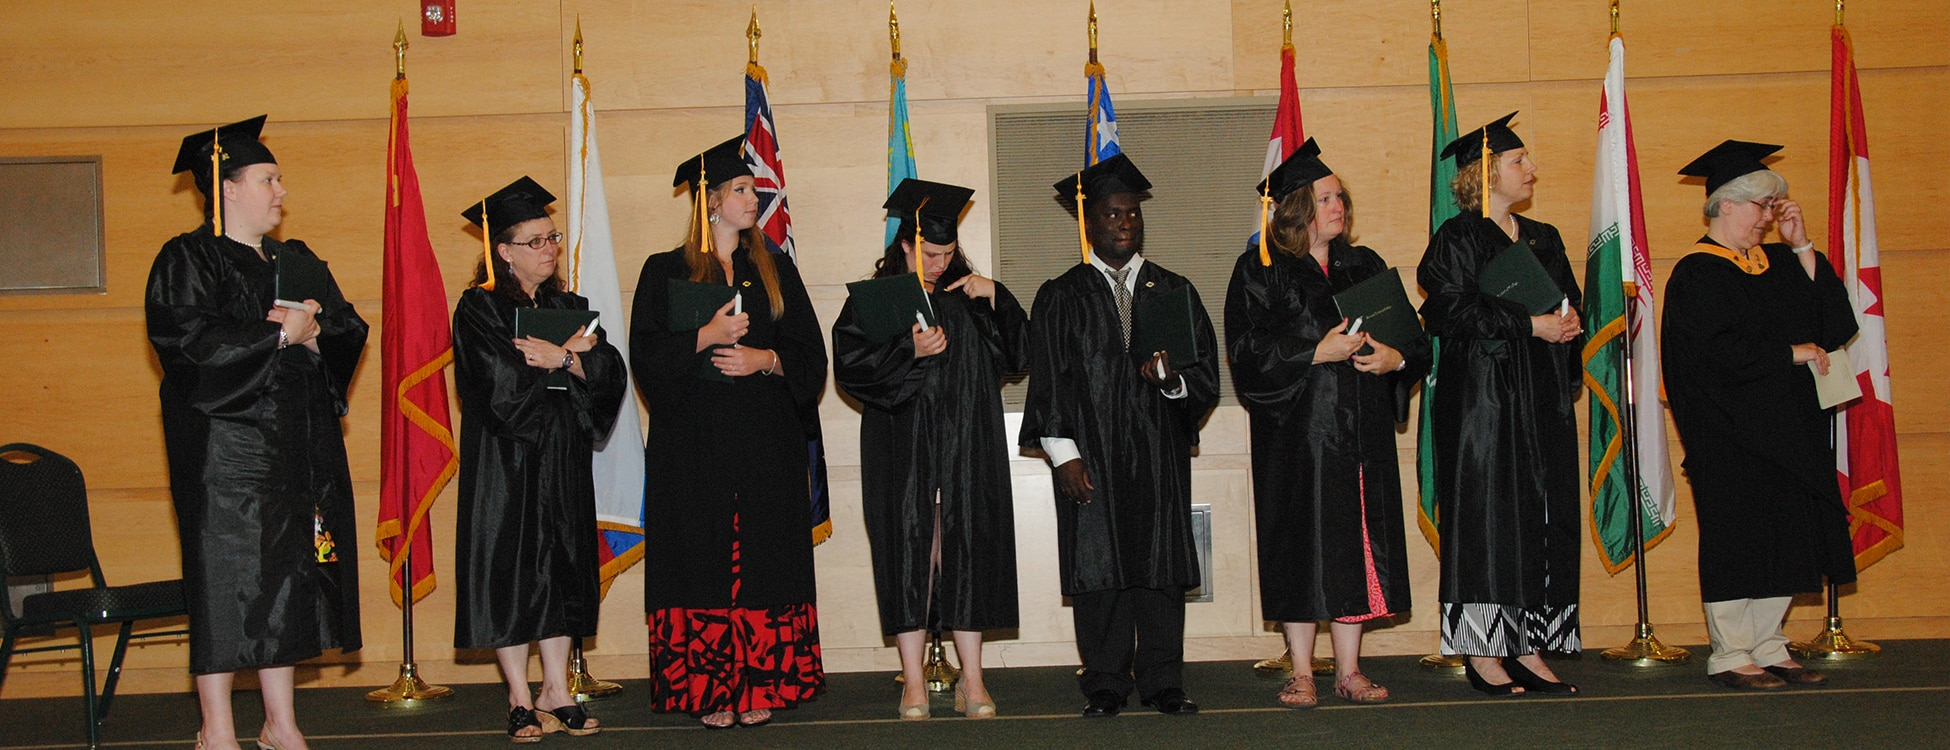 nursing, commencement, graduation